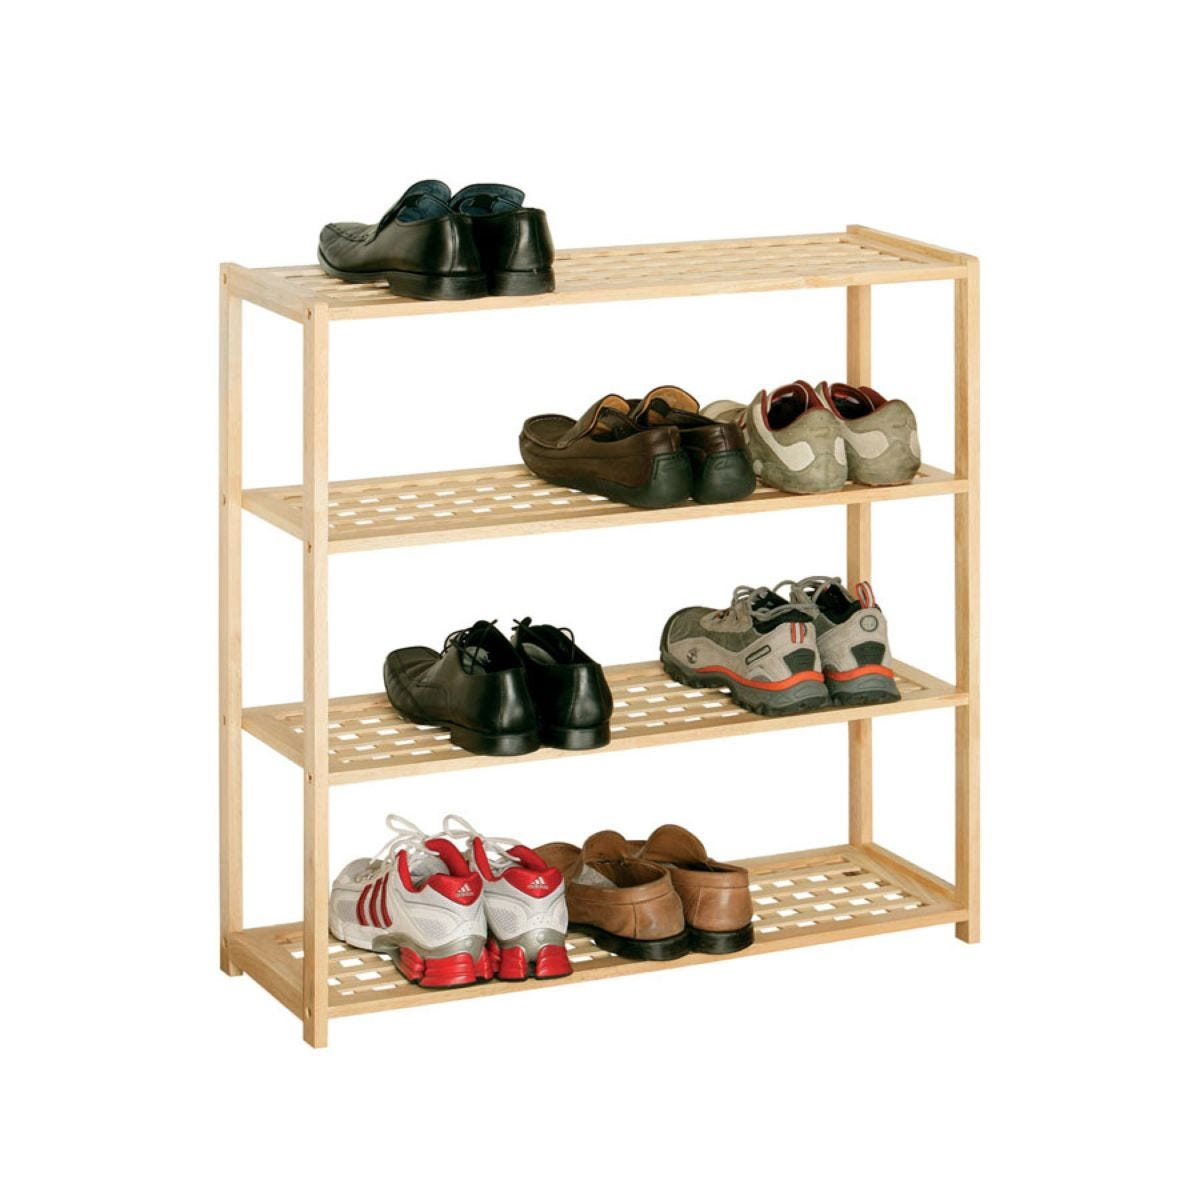 Premier Housewares 4-Tier Wooden Shoe Rack